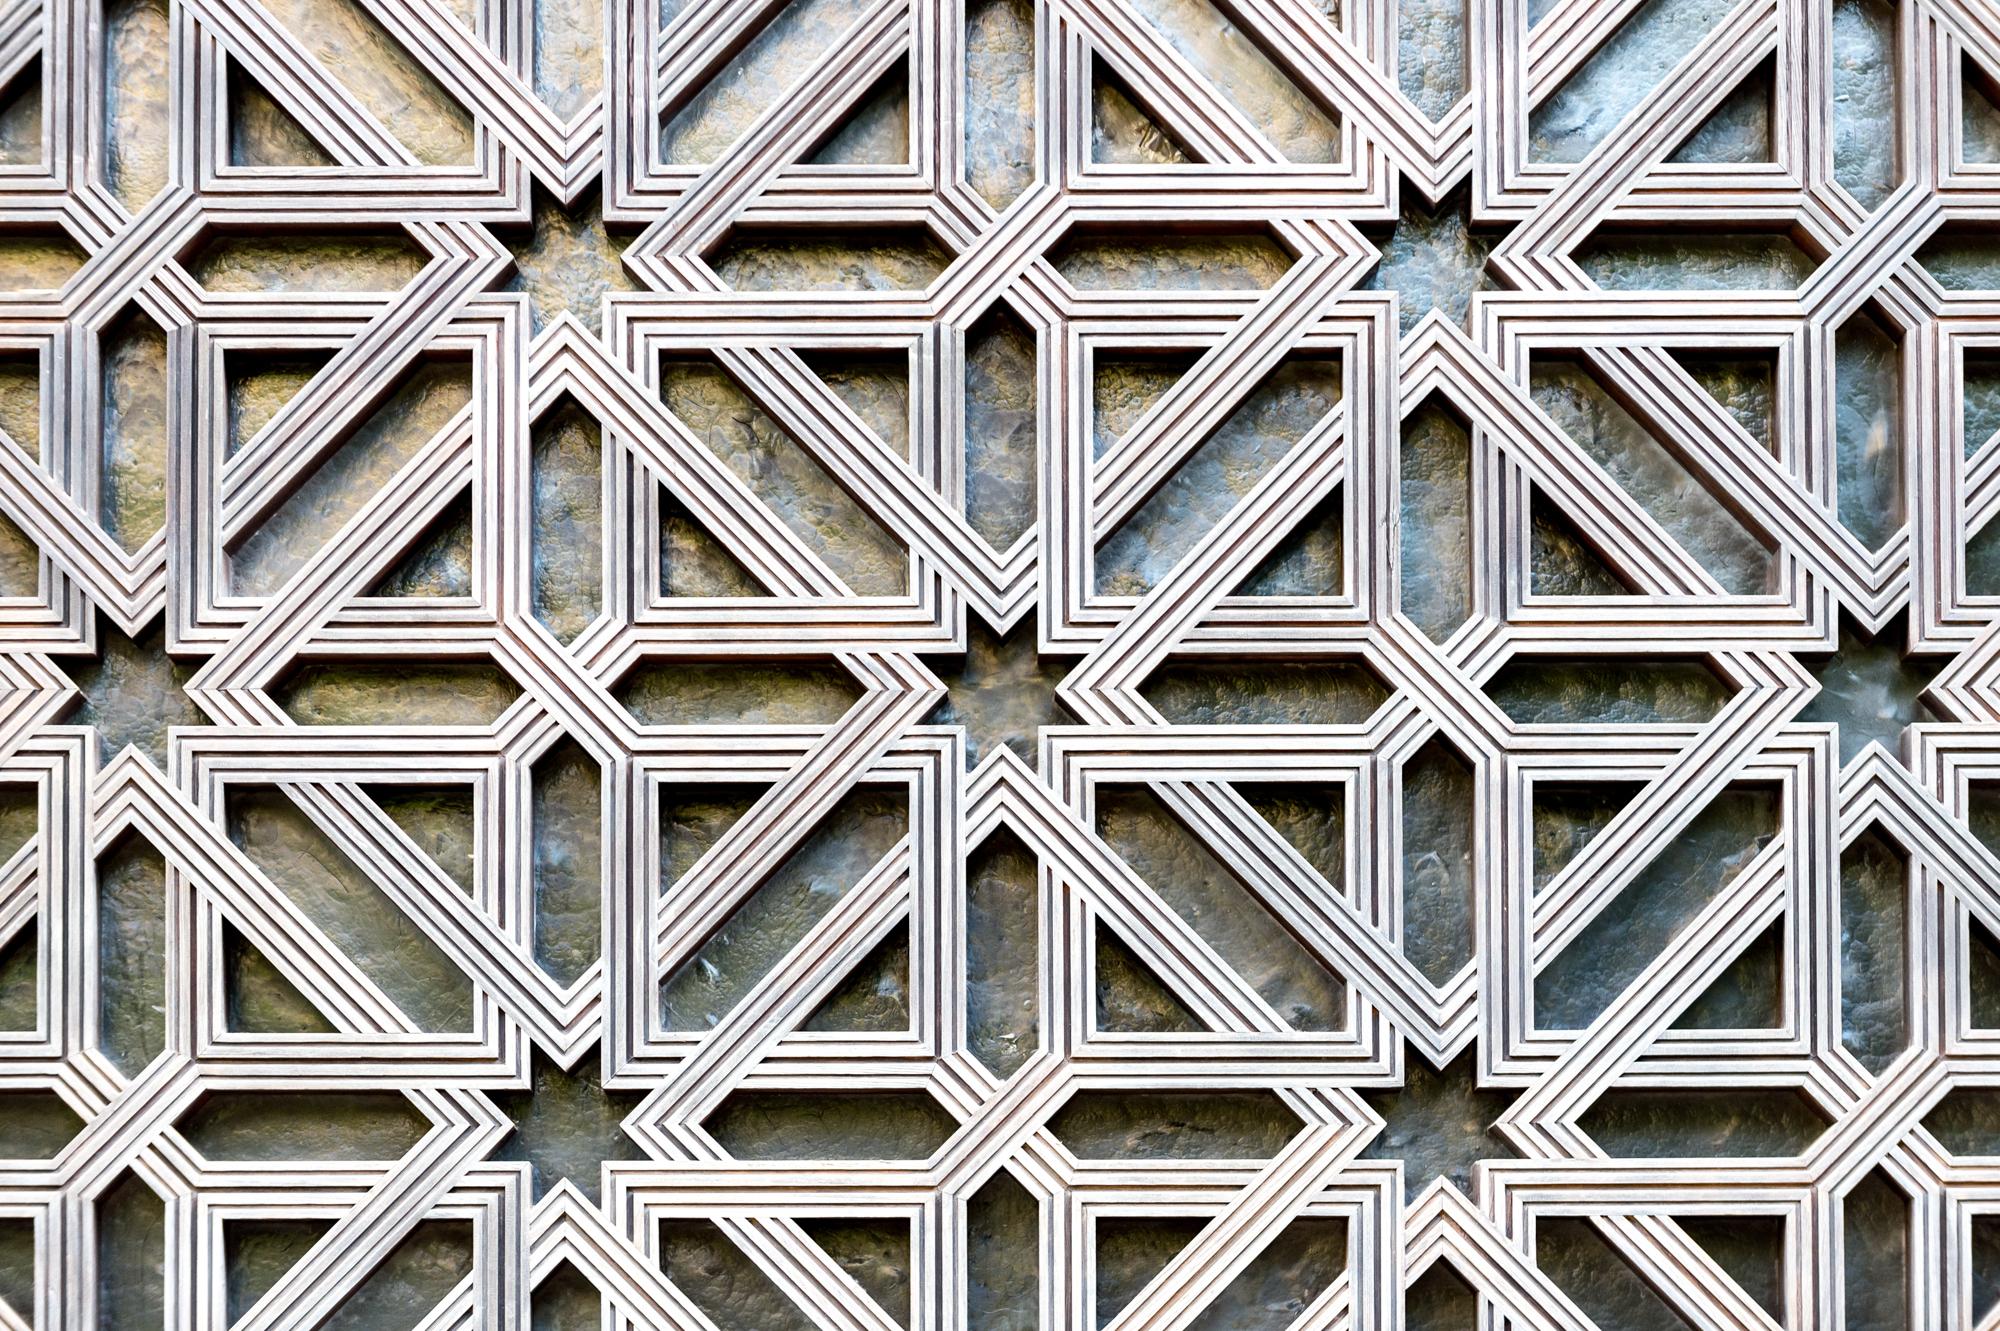 baja mezquita-151